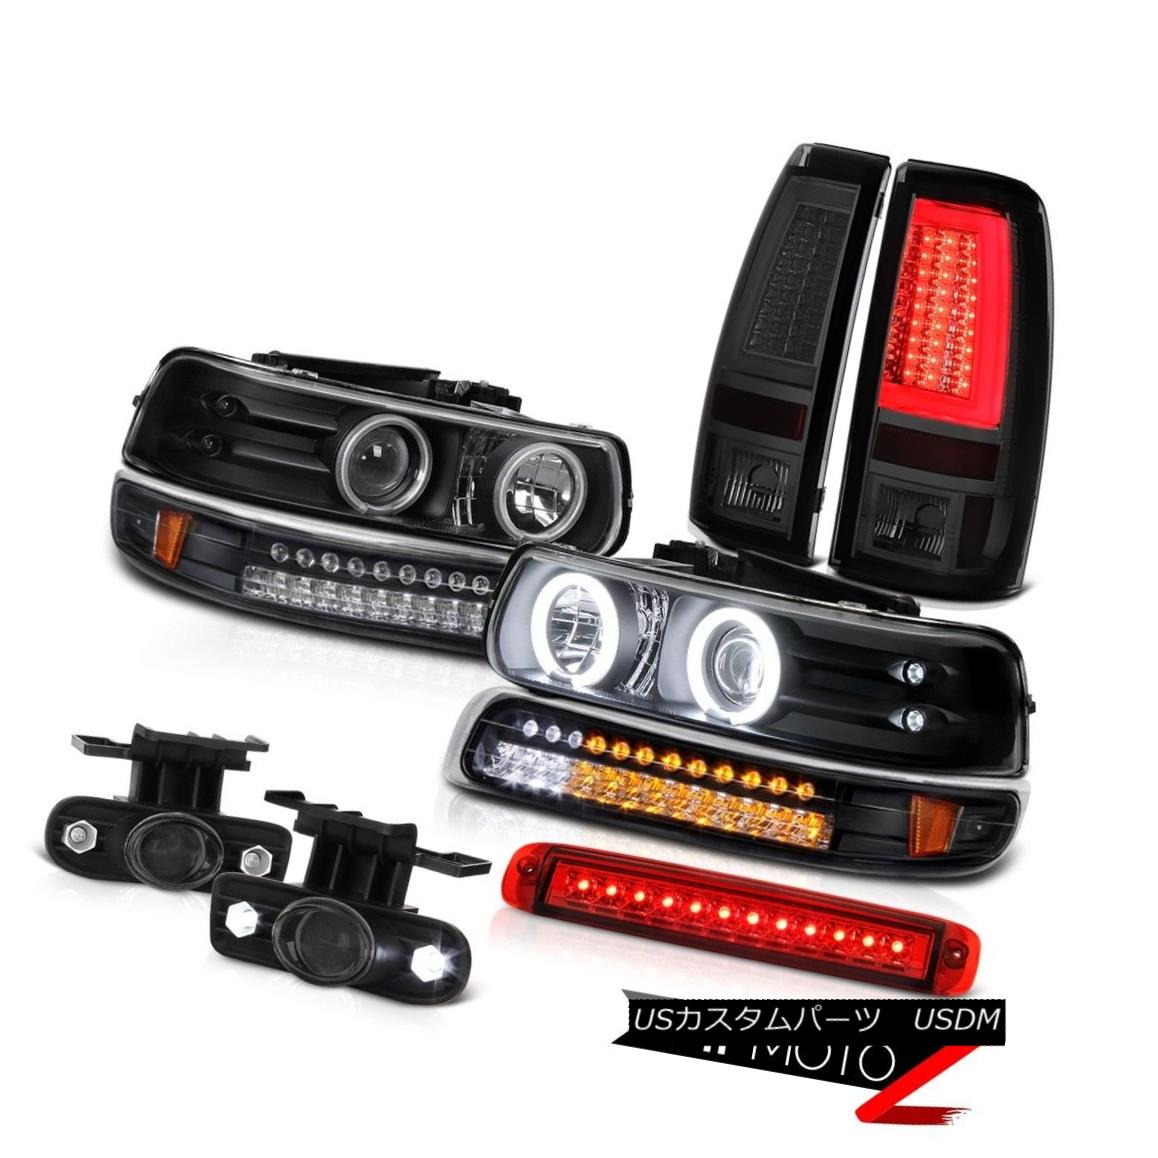 テールライト 99-02 Silverado 6.0L Taillights 3rd Brake Light Foglamps Signal Headlamps LED 99-02 Silverado 6.0Lテールライト第3ブレーキライトフォグランプ信号ヘッドランプLED